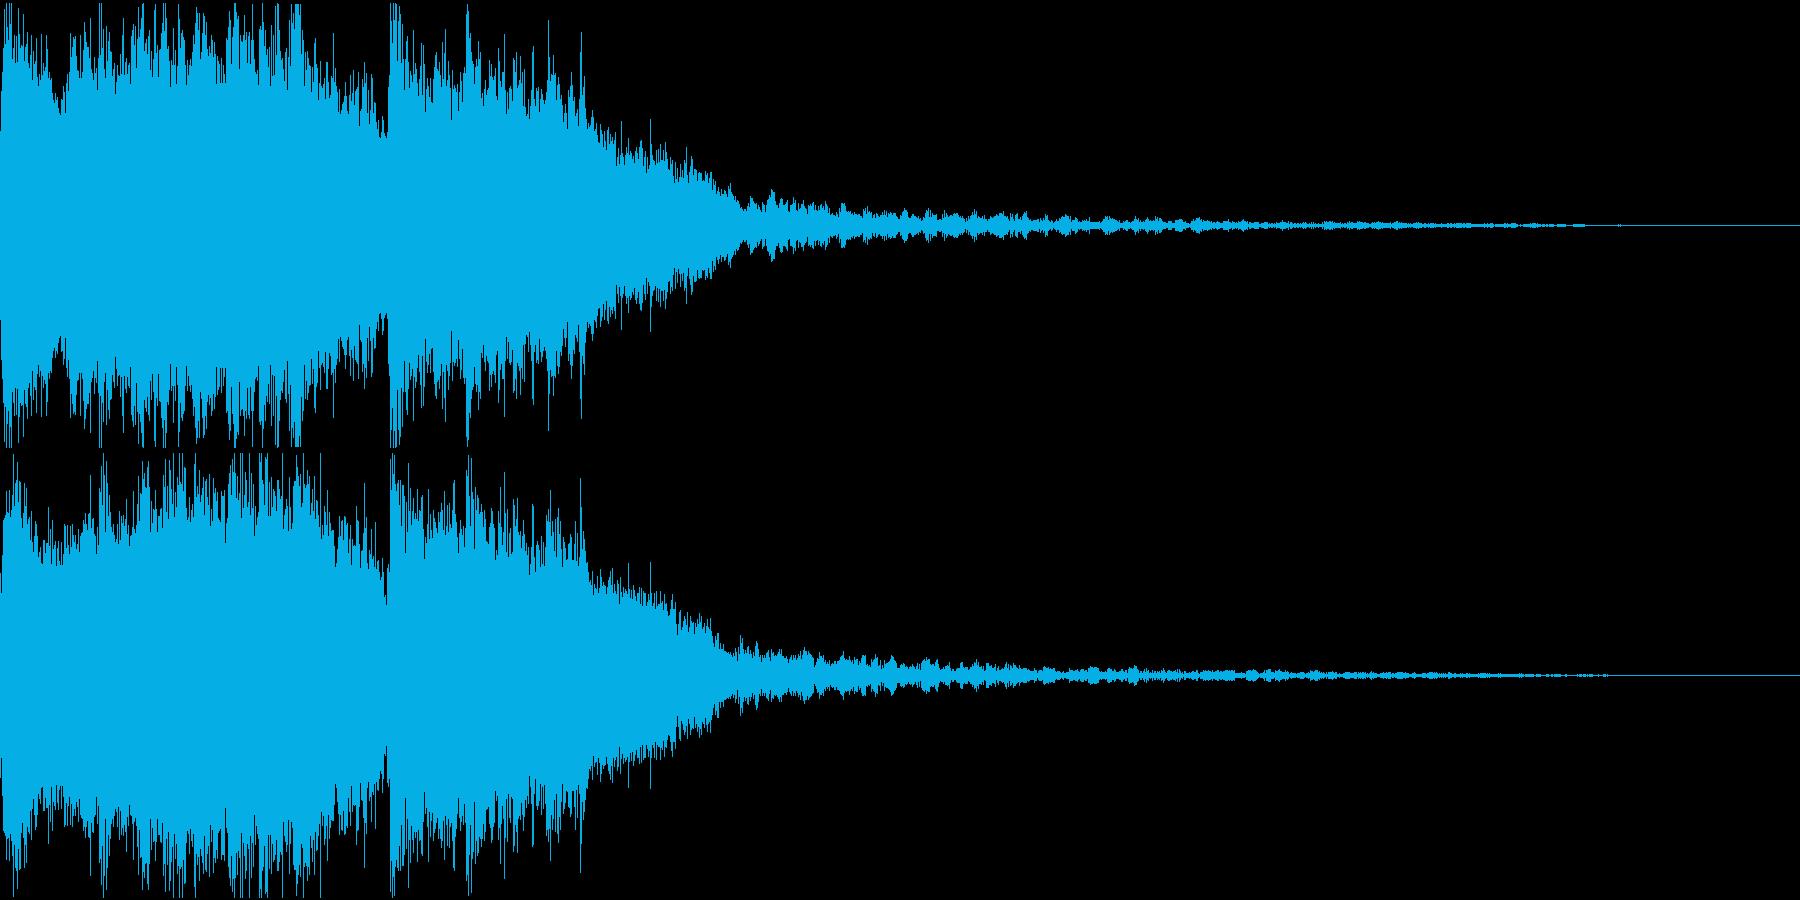 豪華なファンファーレ 達成 成功 Fの再生済みの波形